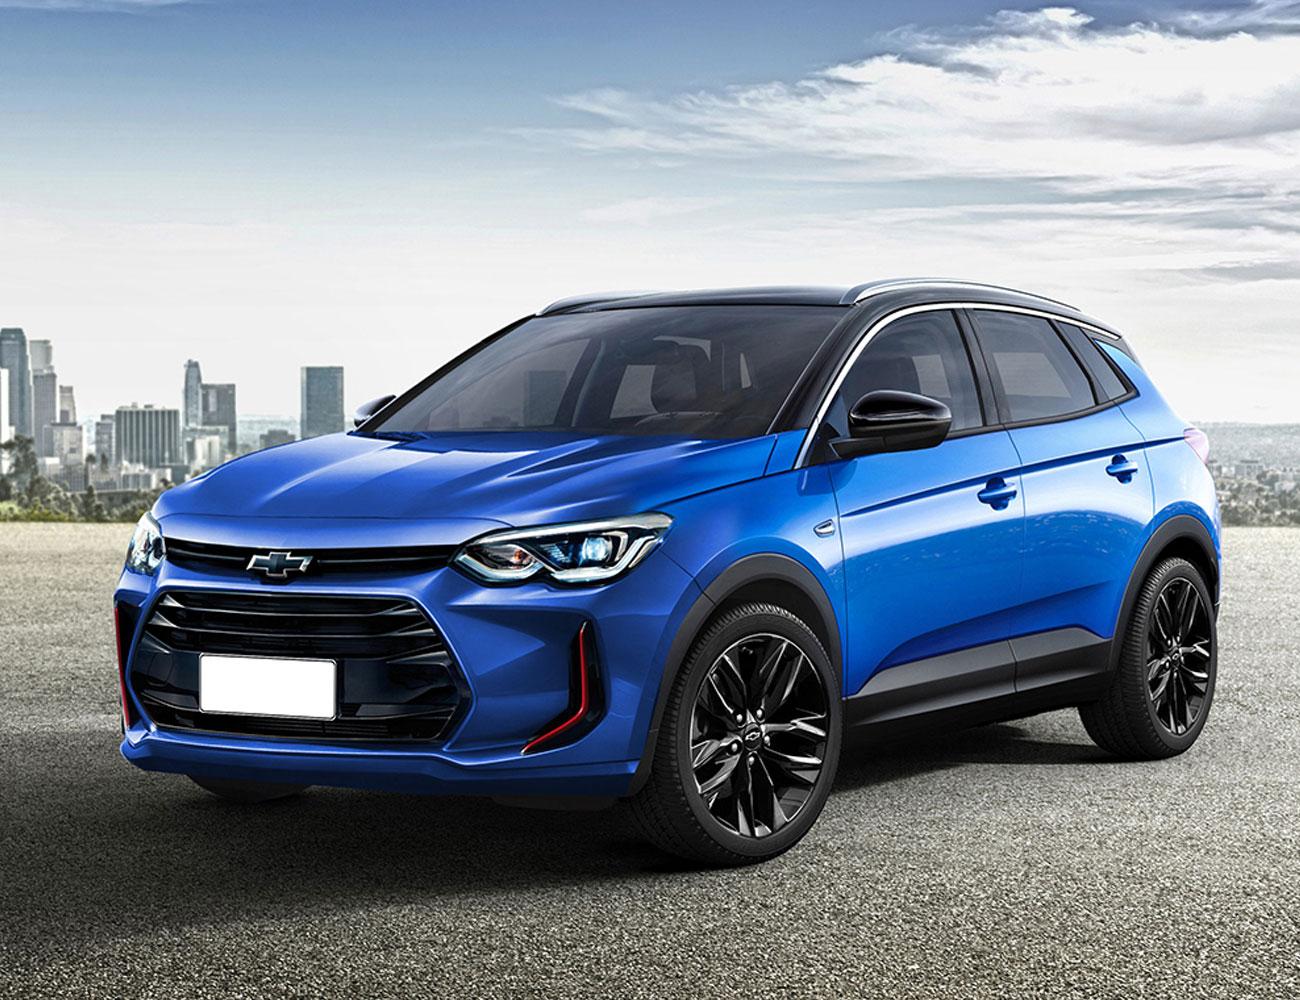 Novo Chevrolet Tracker vai ganhar plataforma global - Automais